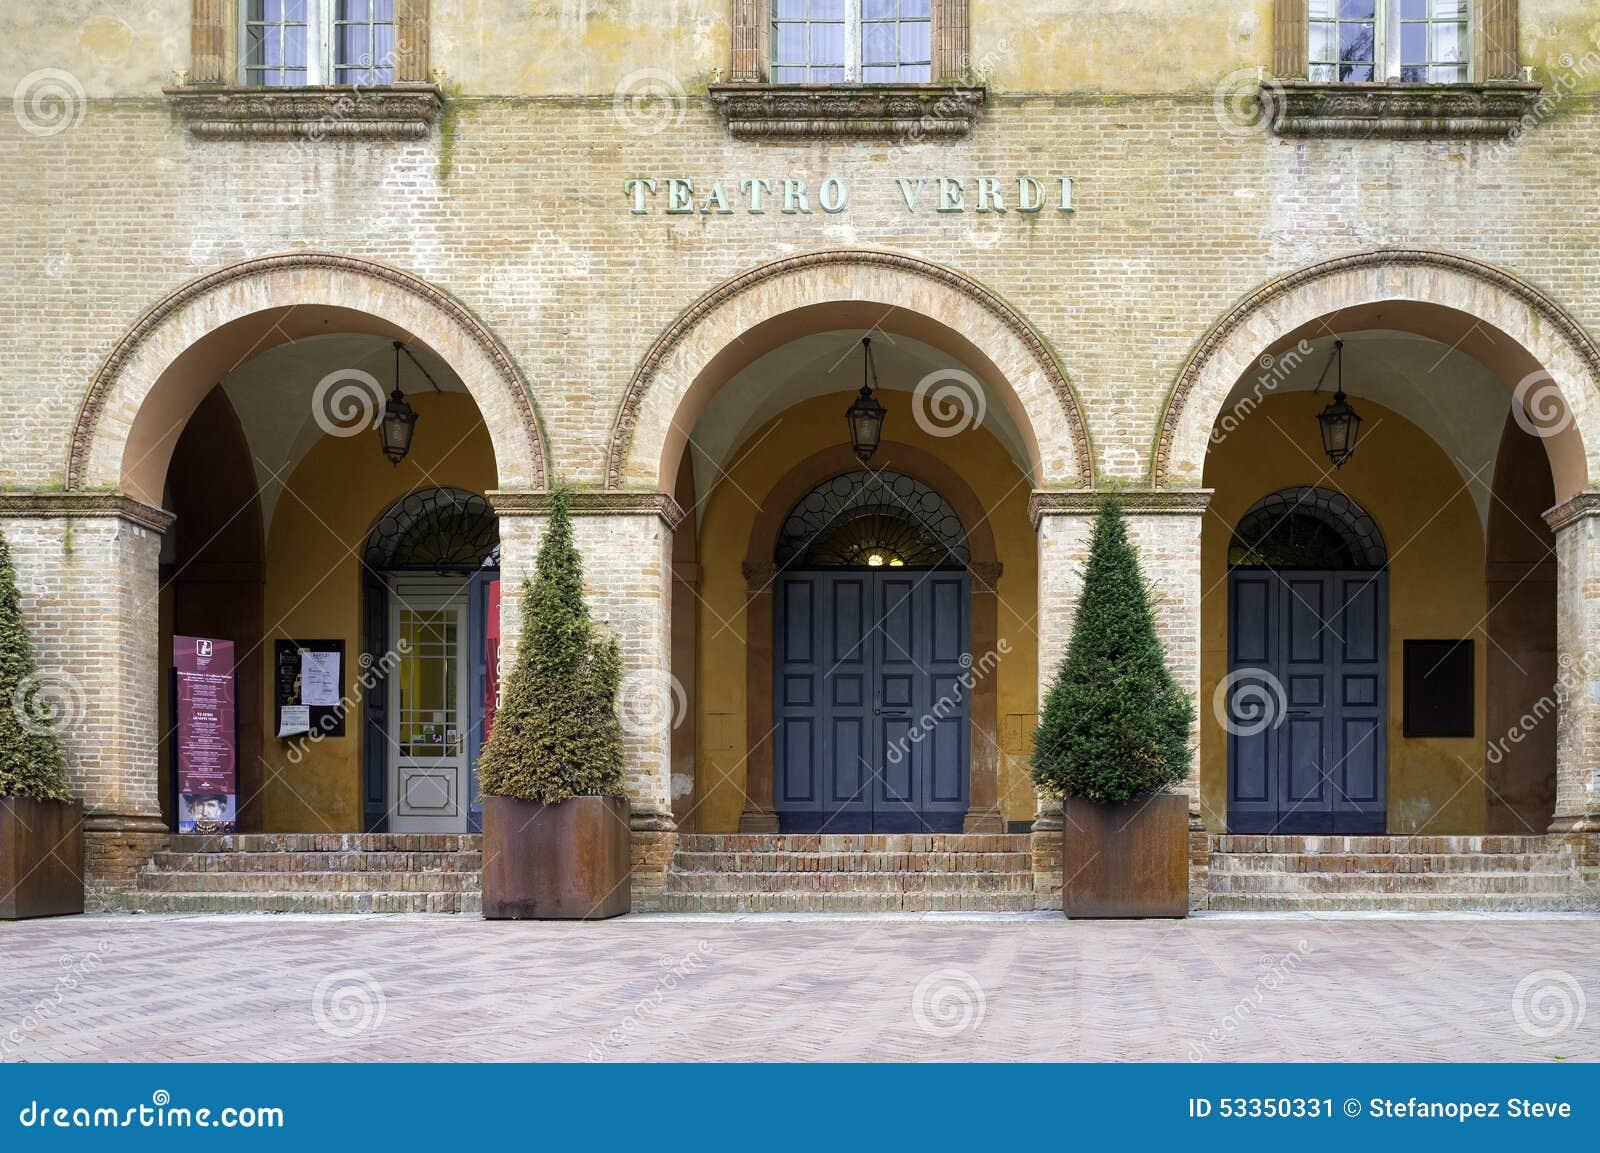 Verdi theatre busseto color image editorial photo for Malvisi arredamenti busseto parma